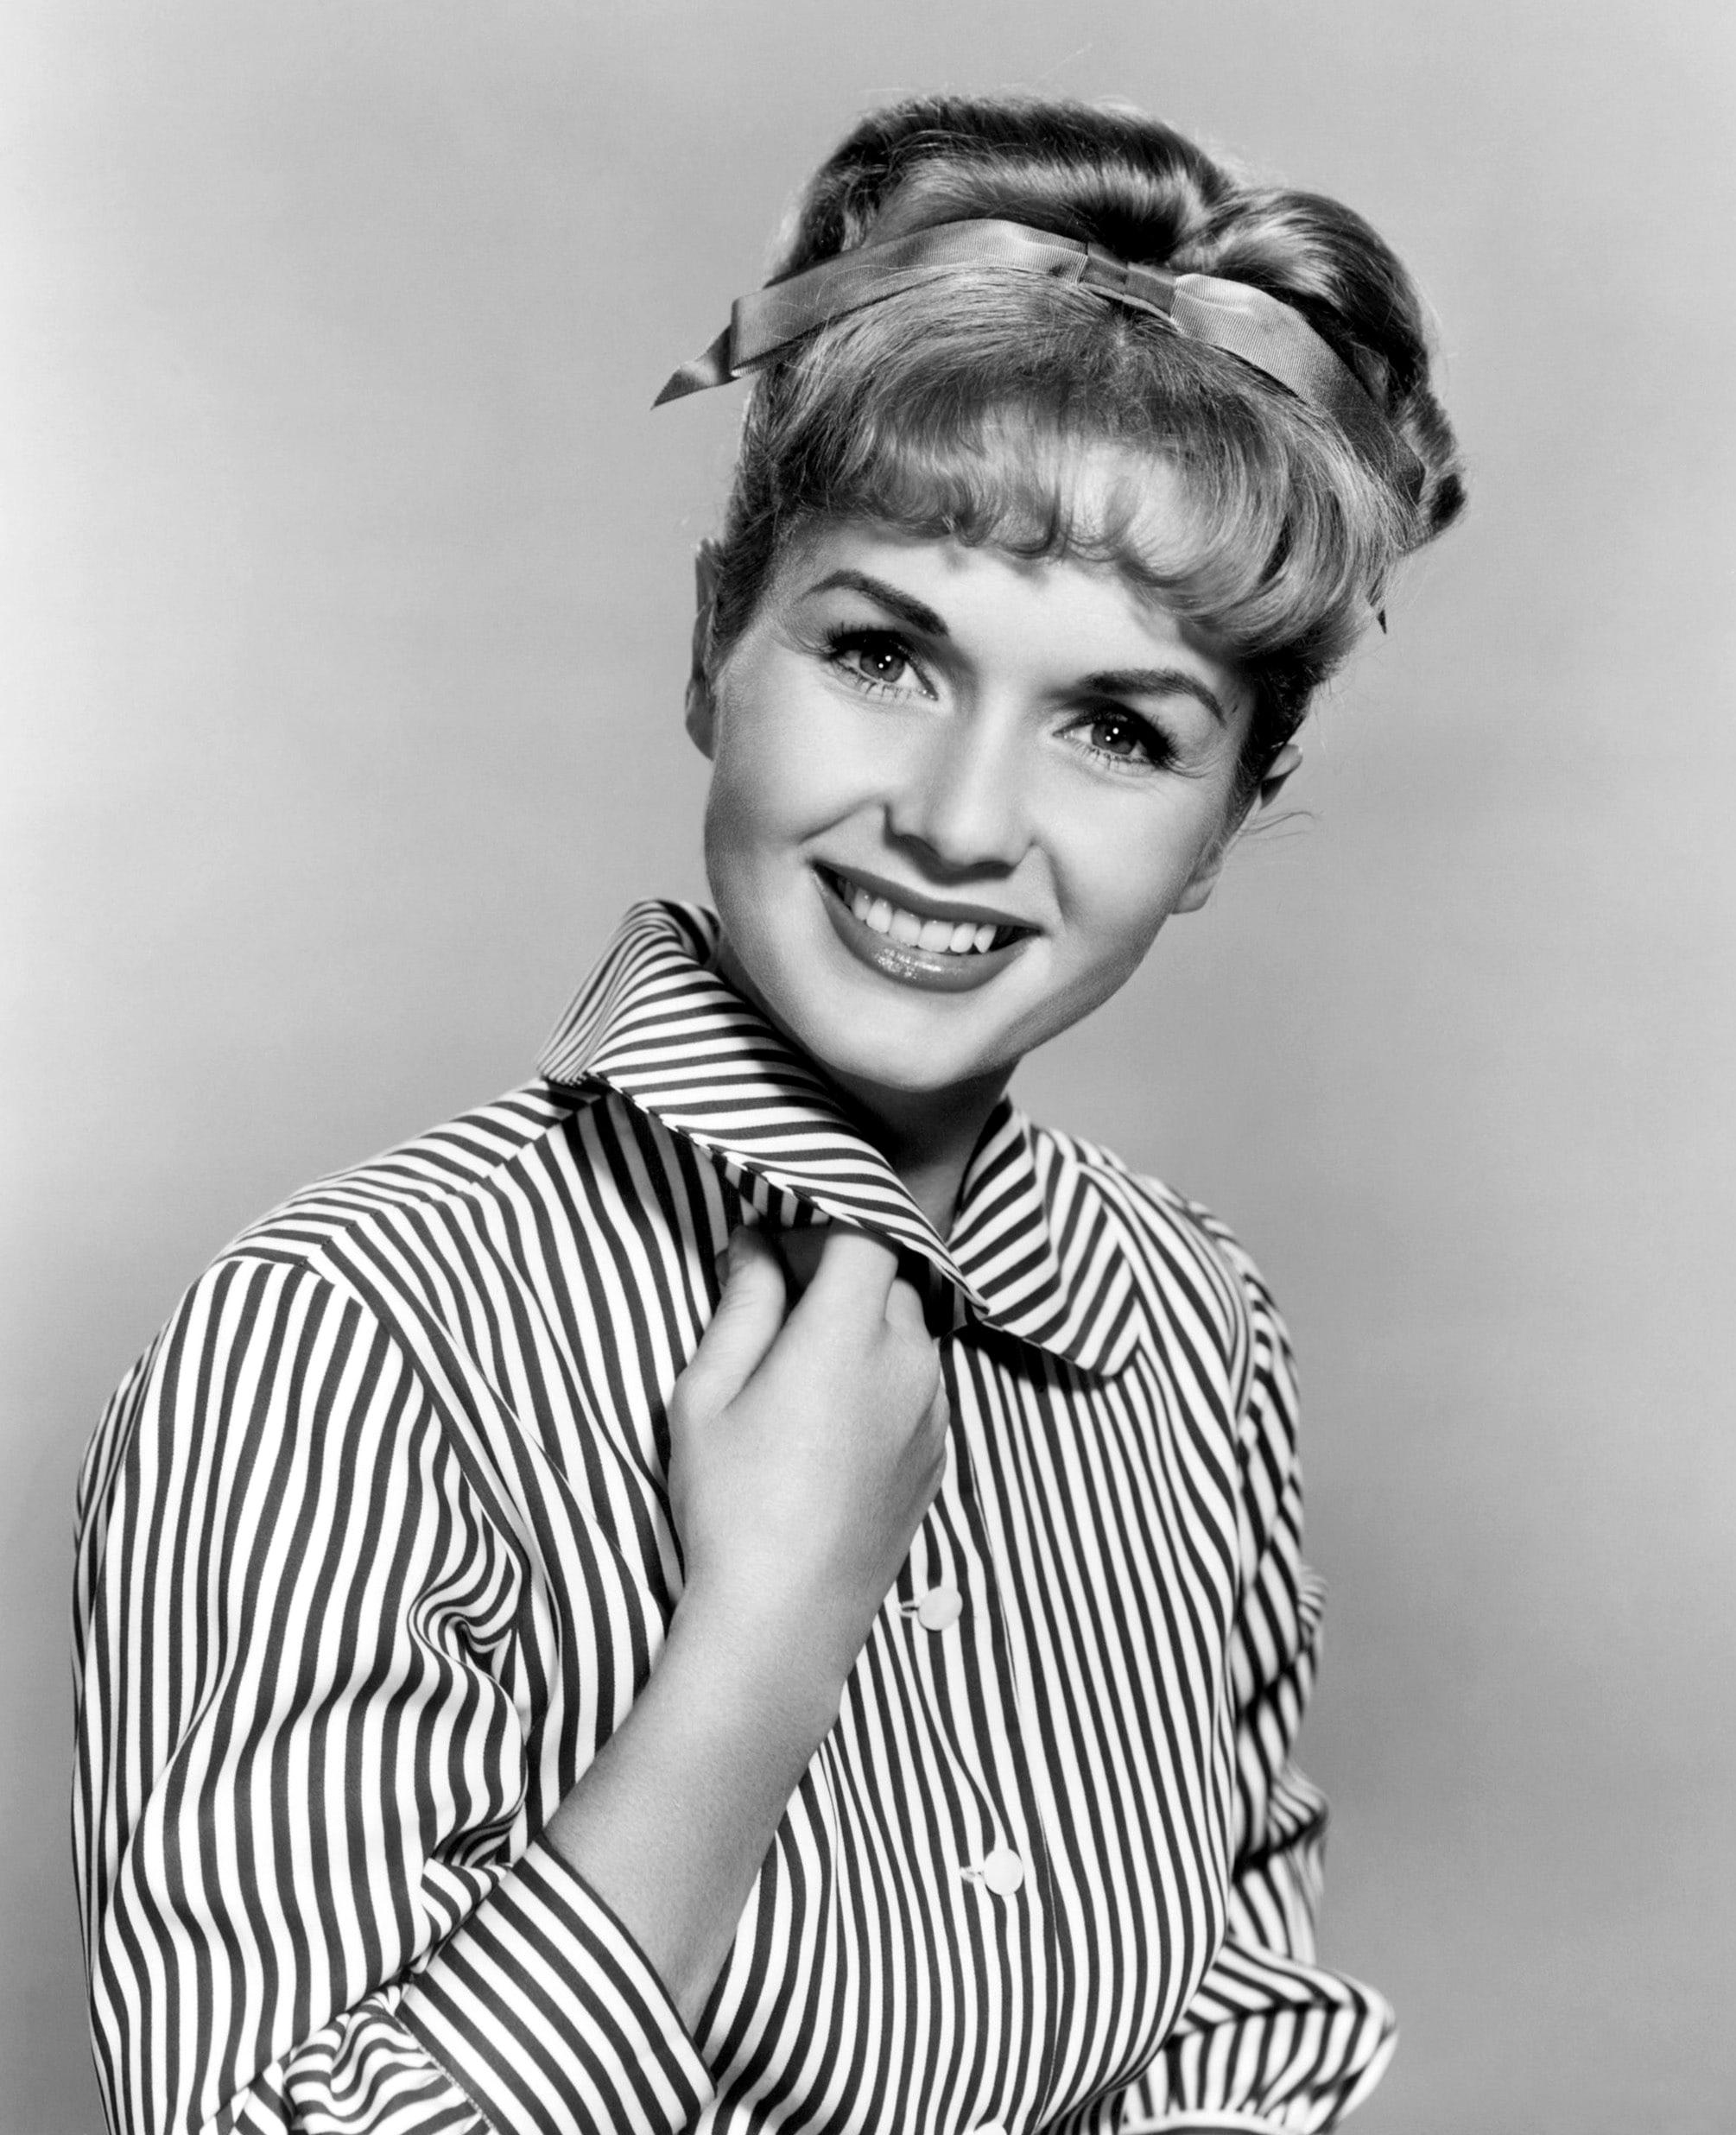 Debbie Reynolds Wallpapers